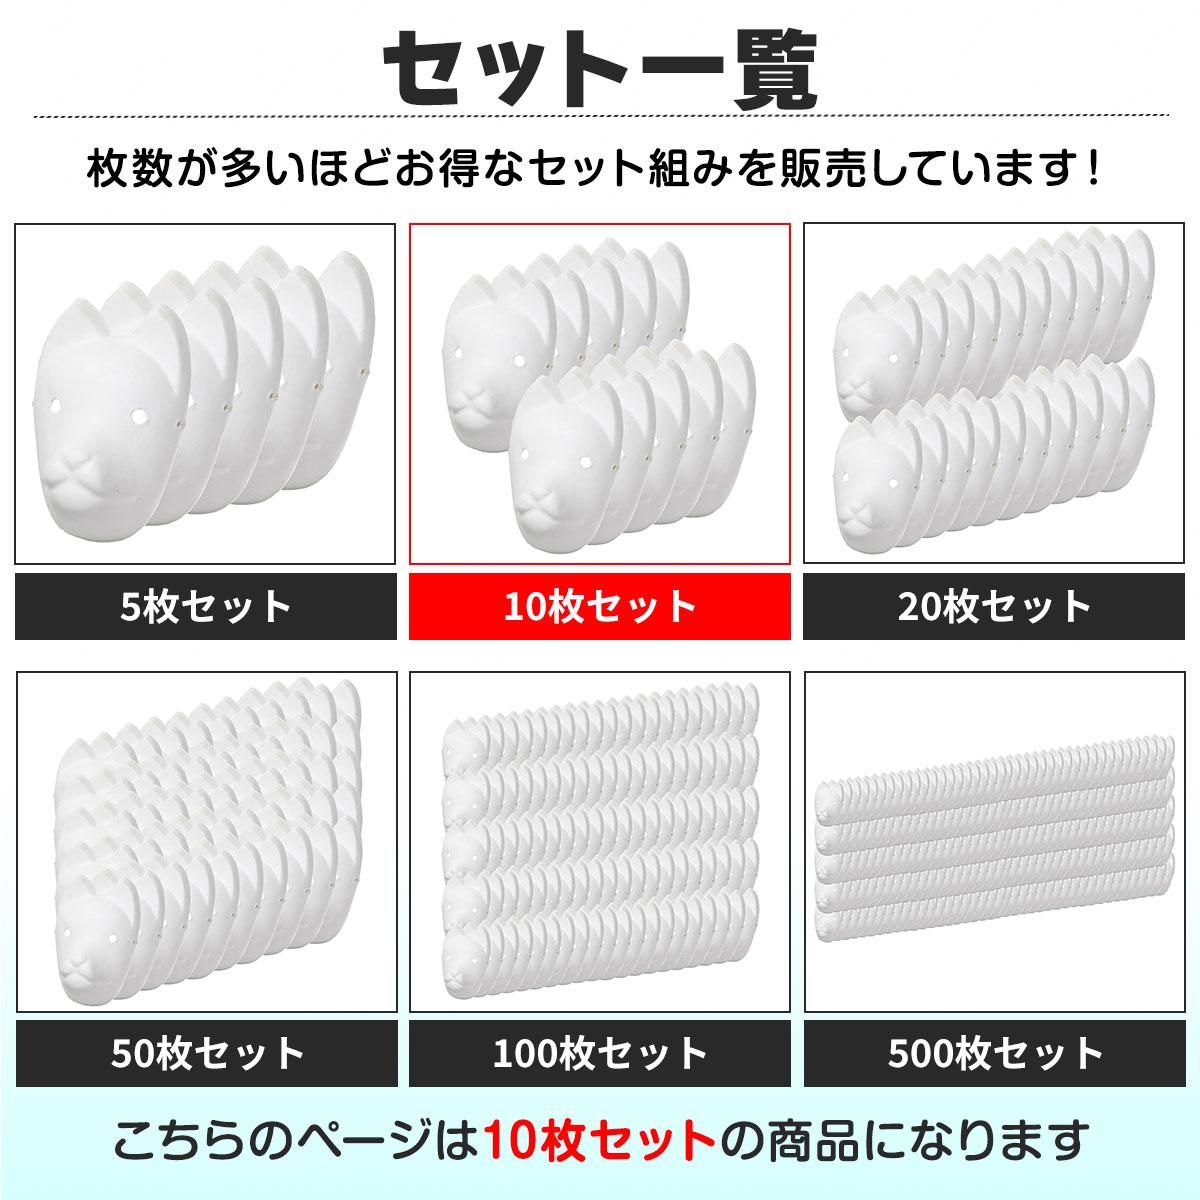 狐面 お面 狐 キツネ 無地 マスク 紙パルプ製 小タイプ 10枚セット